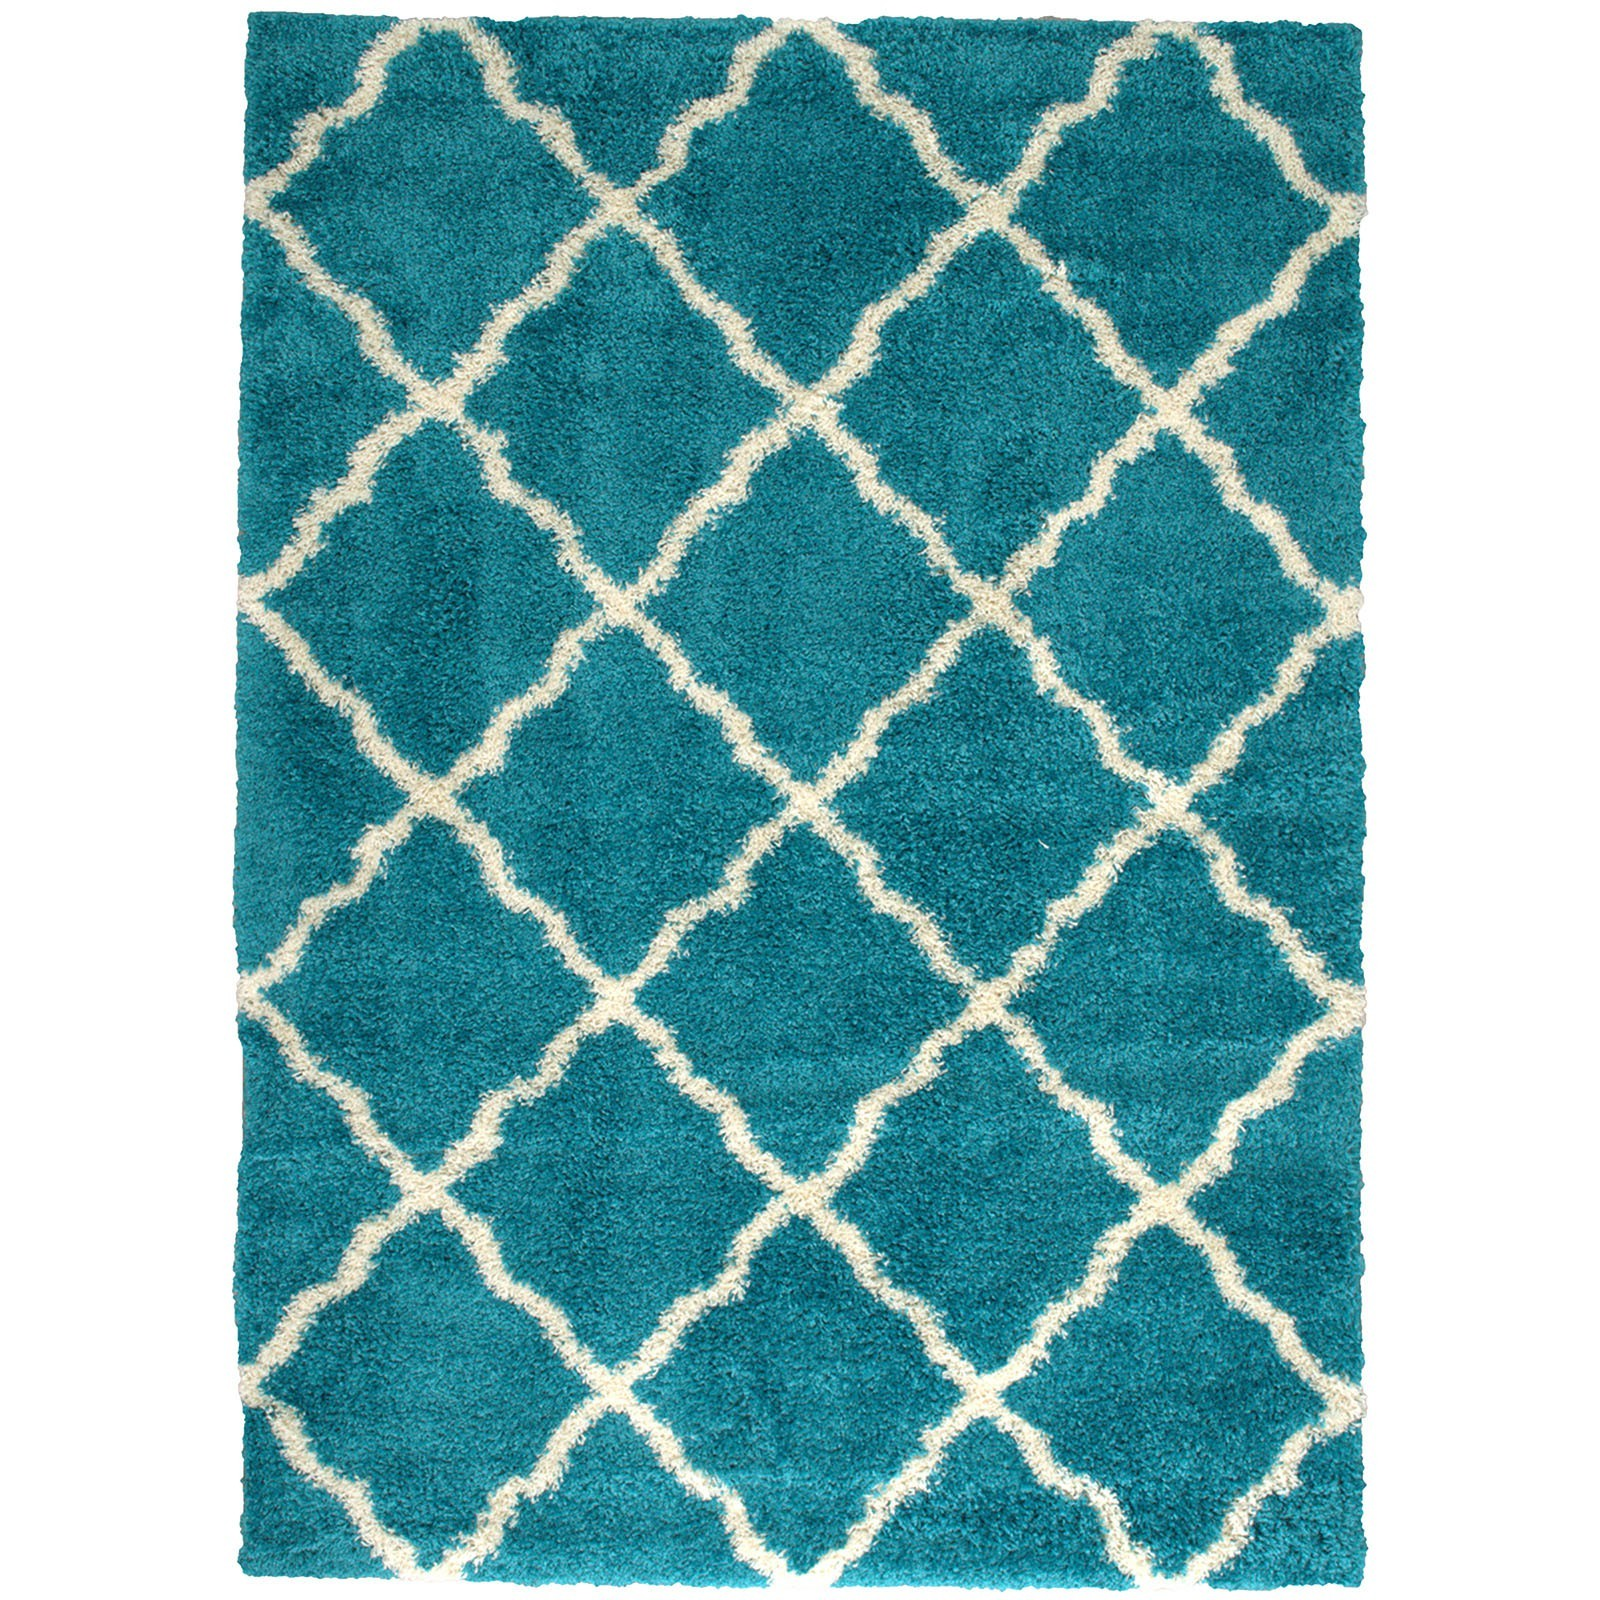 Zafirah Shagg Rug in Turquoise